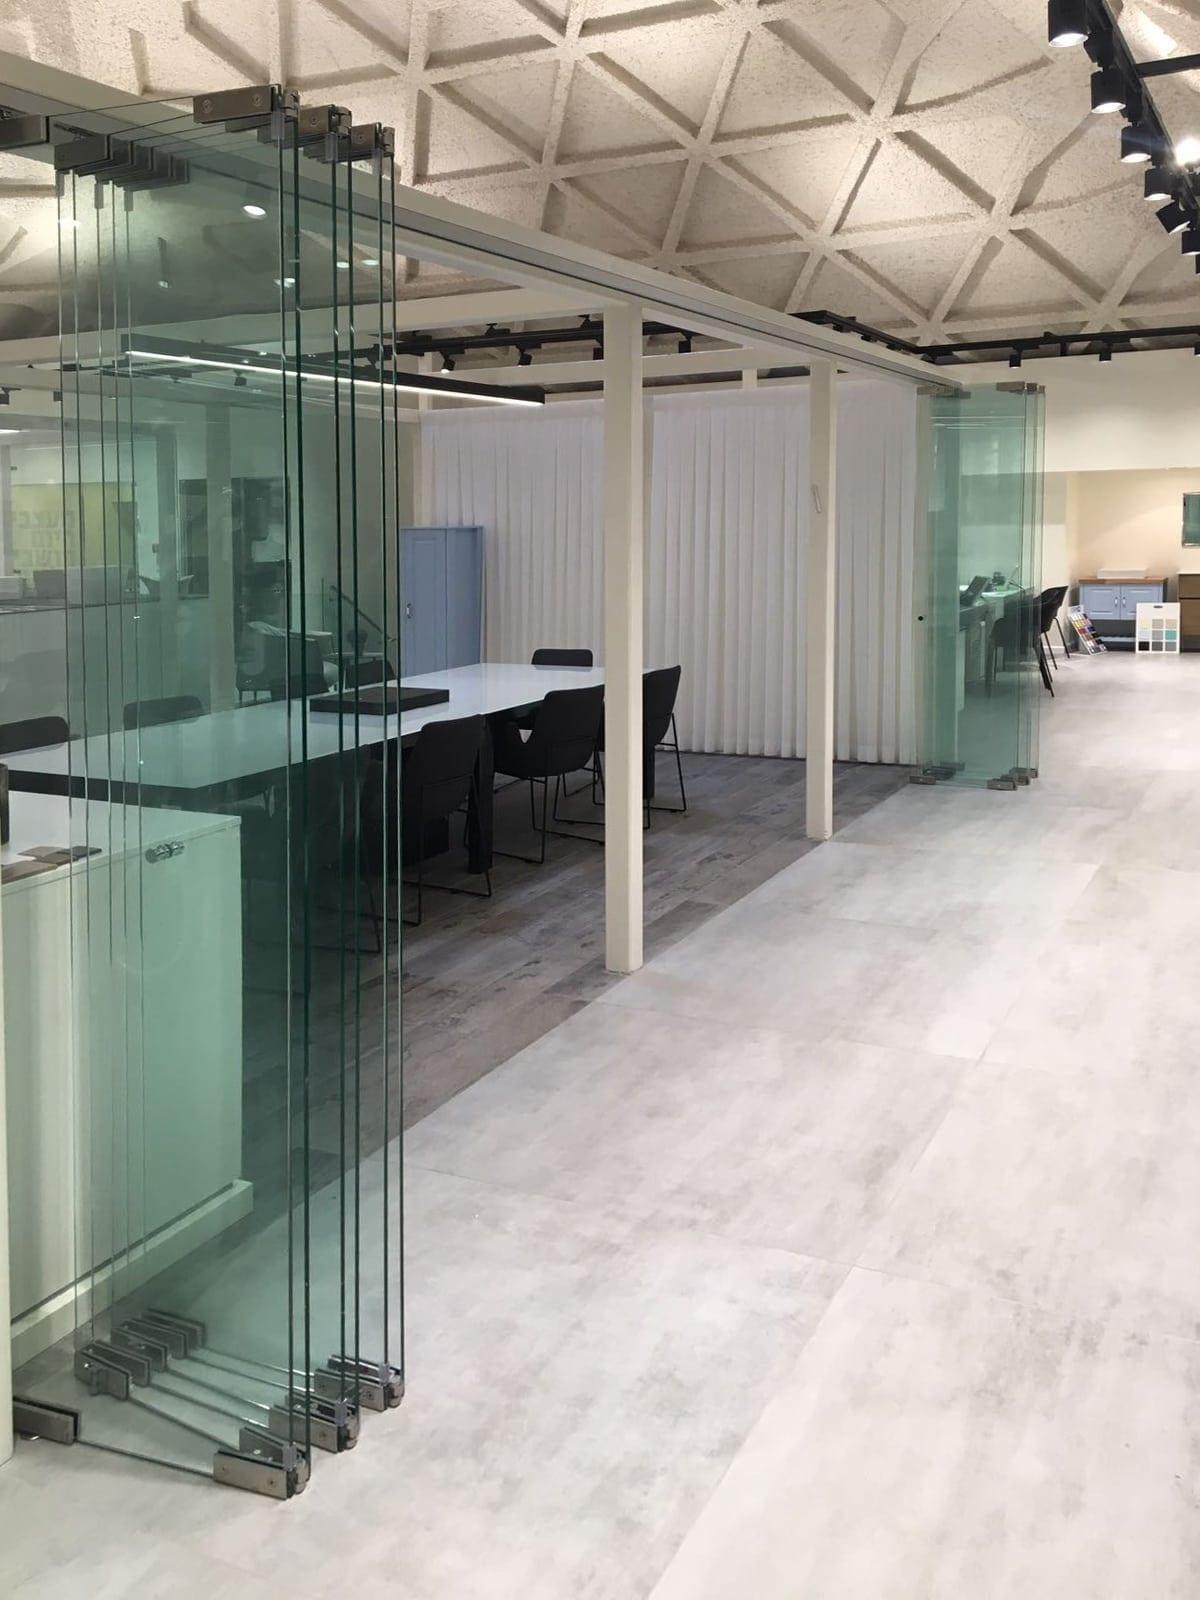 יתרונותהן של מעקות זכוכית במשרד